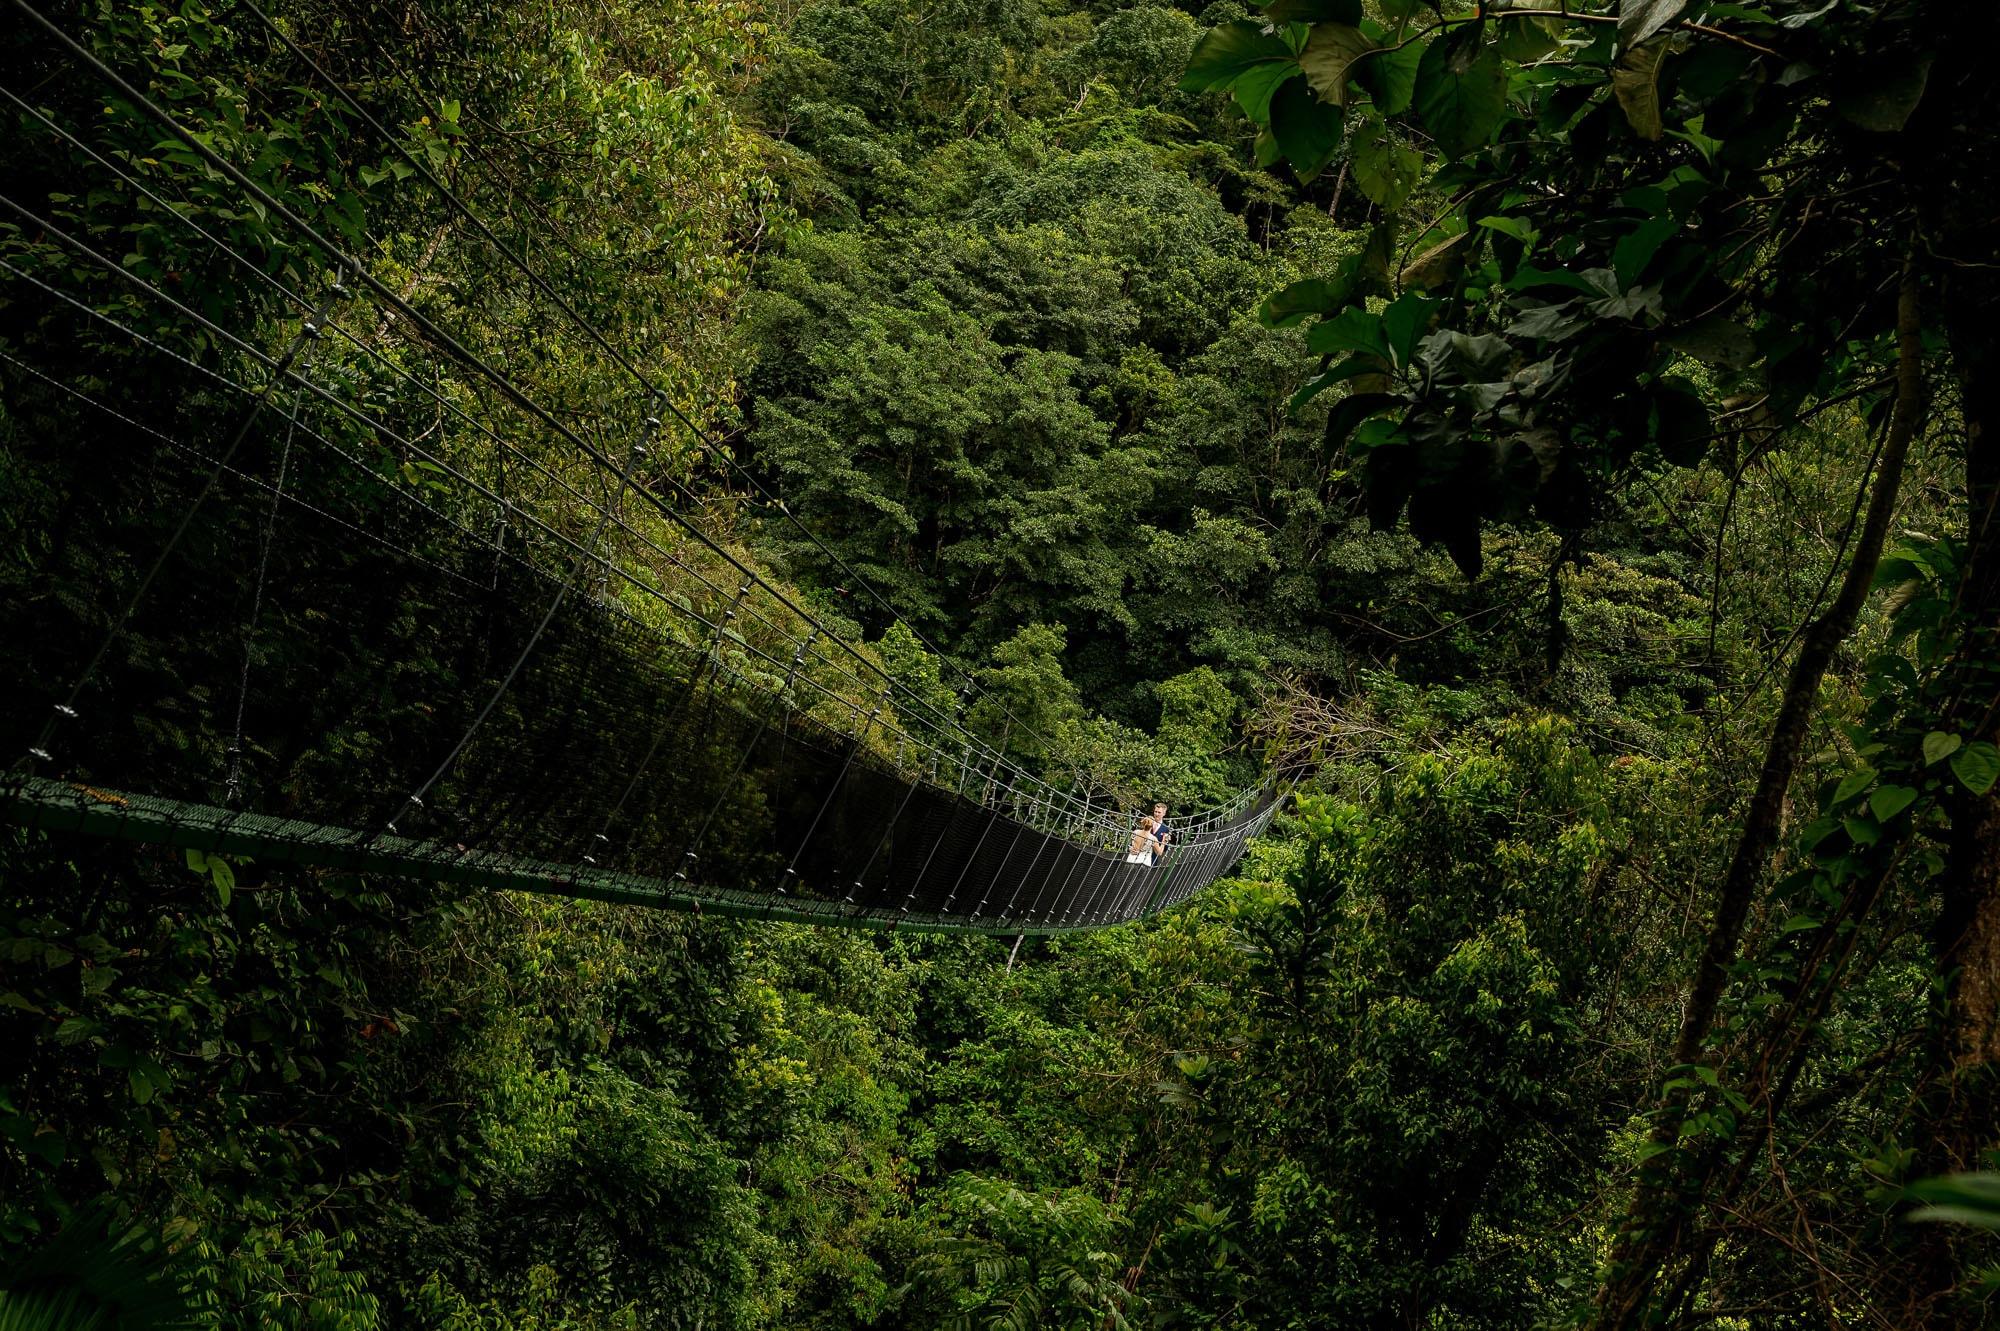 wedding suspension bridge